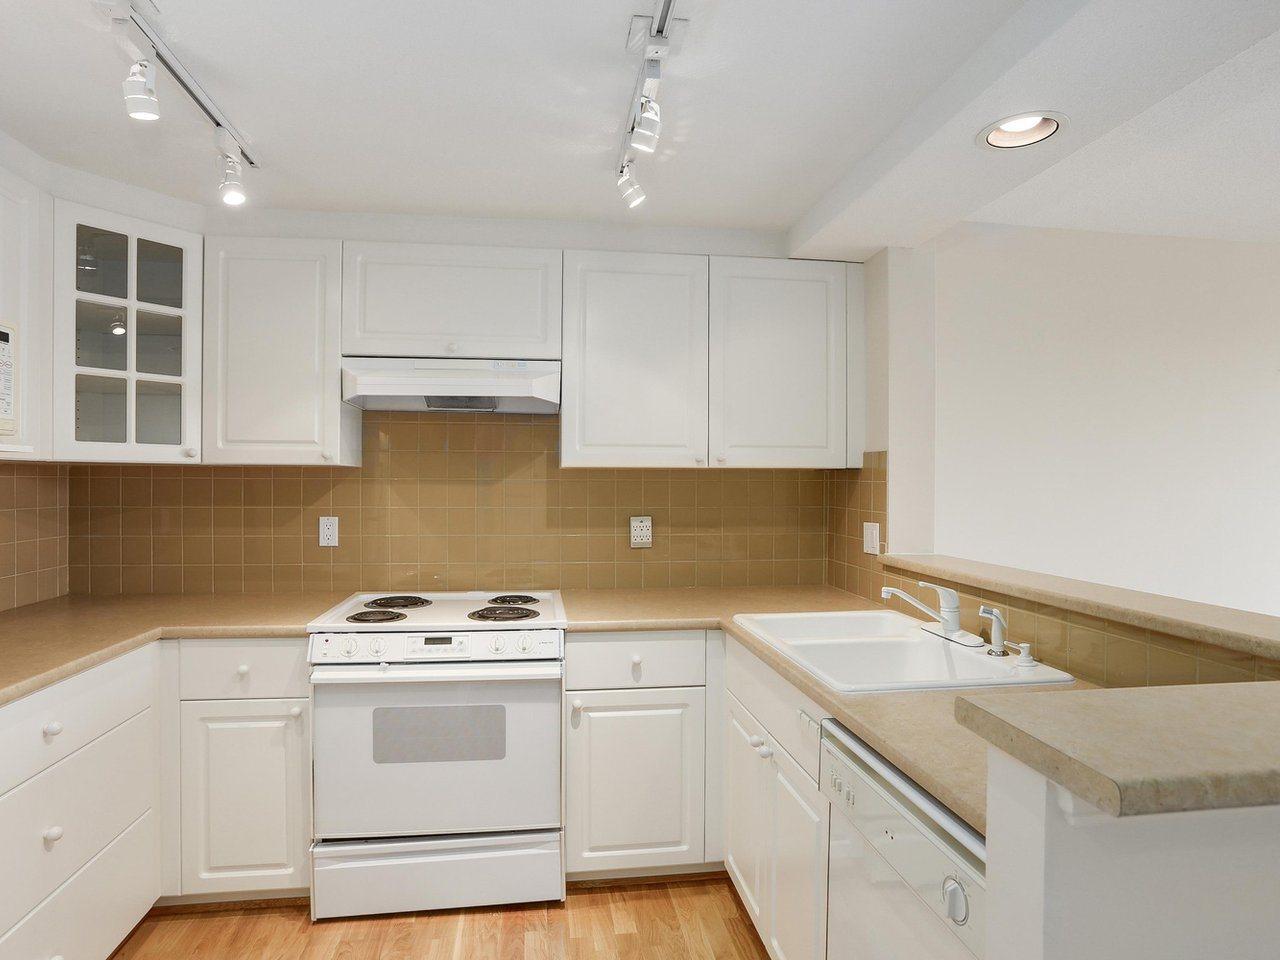 Condo Apartment at 1704 5775 HAMPTON PLACE, Unit 1704, Vancouver West, British Columbia. Image 6